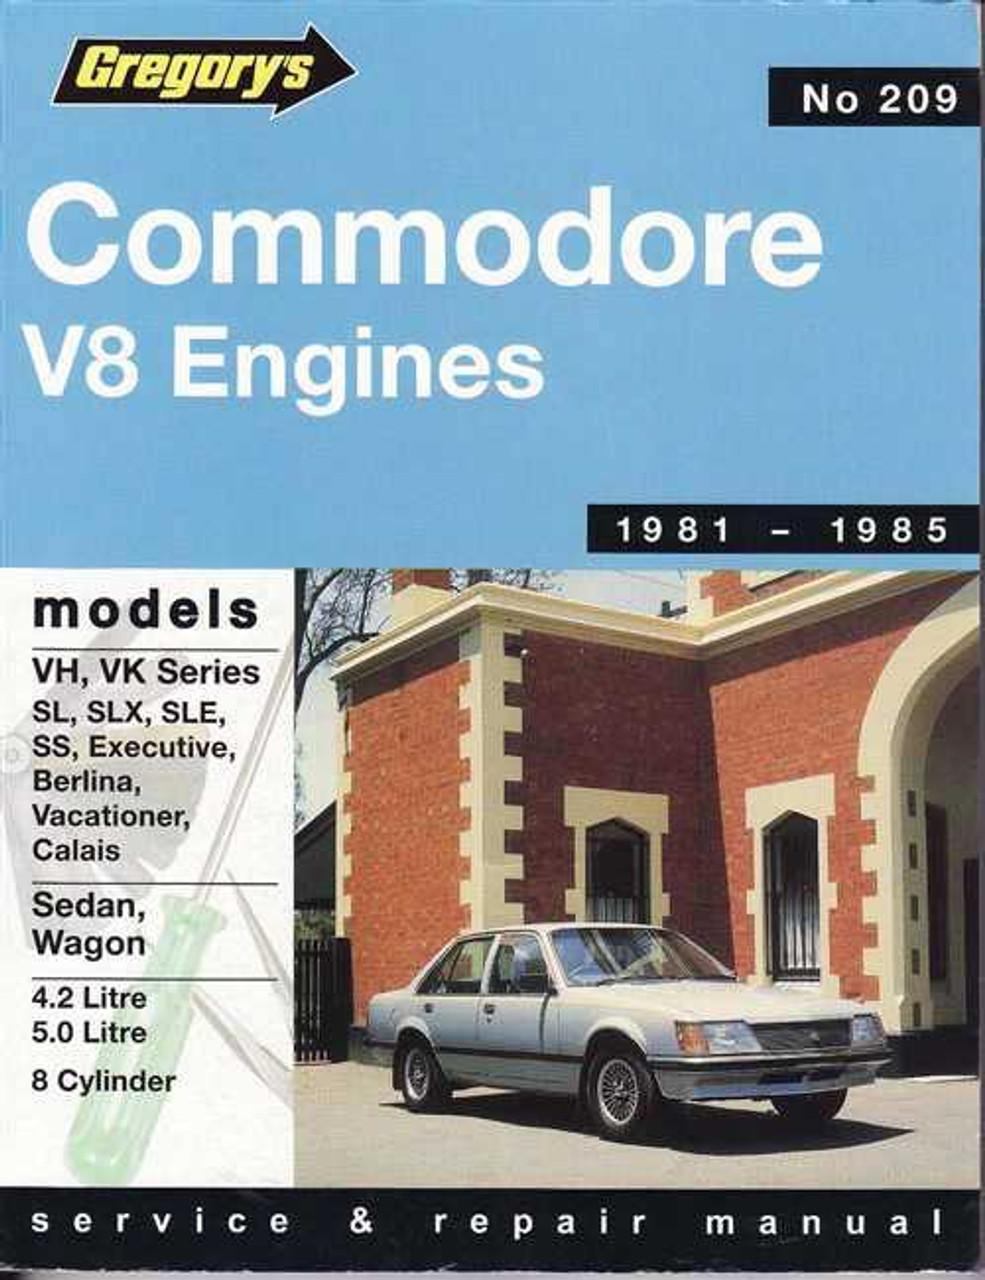 holden commodore vh vk series v8 engines 1981 1985 workshop manual rh automotobookshop com au 1984 Holden Commodore VK Holden VK Commodore Wagon